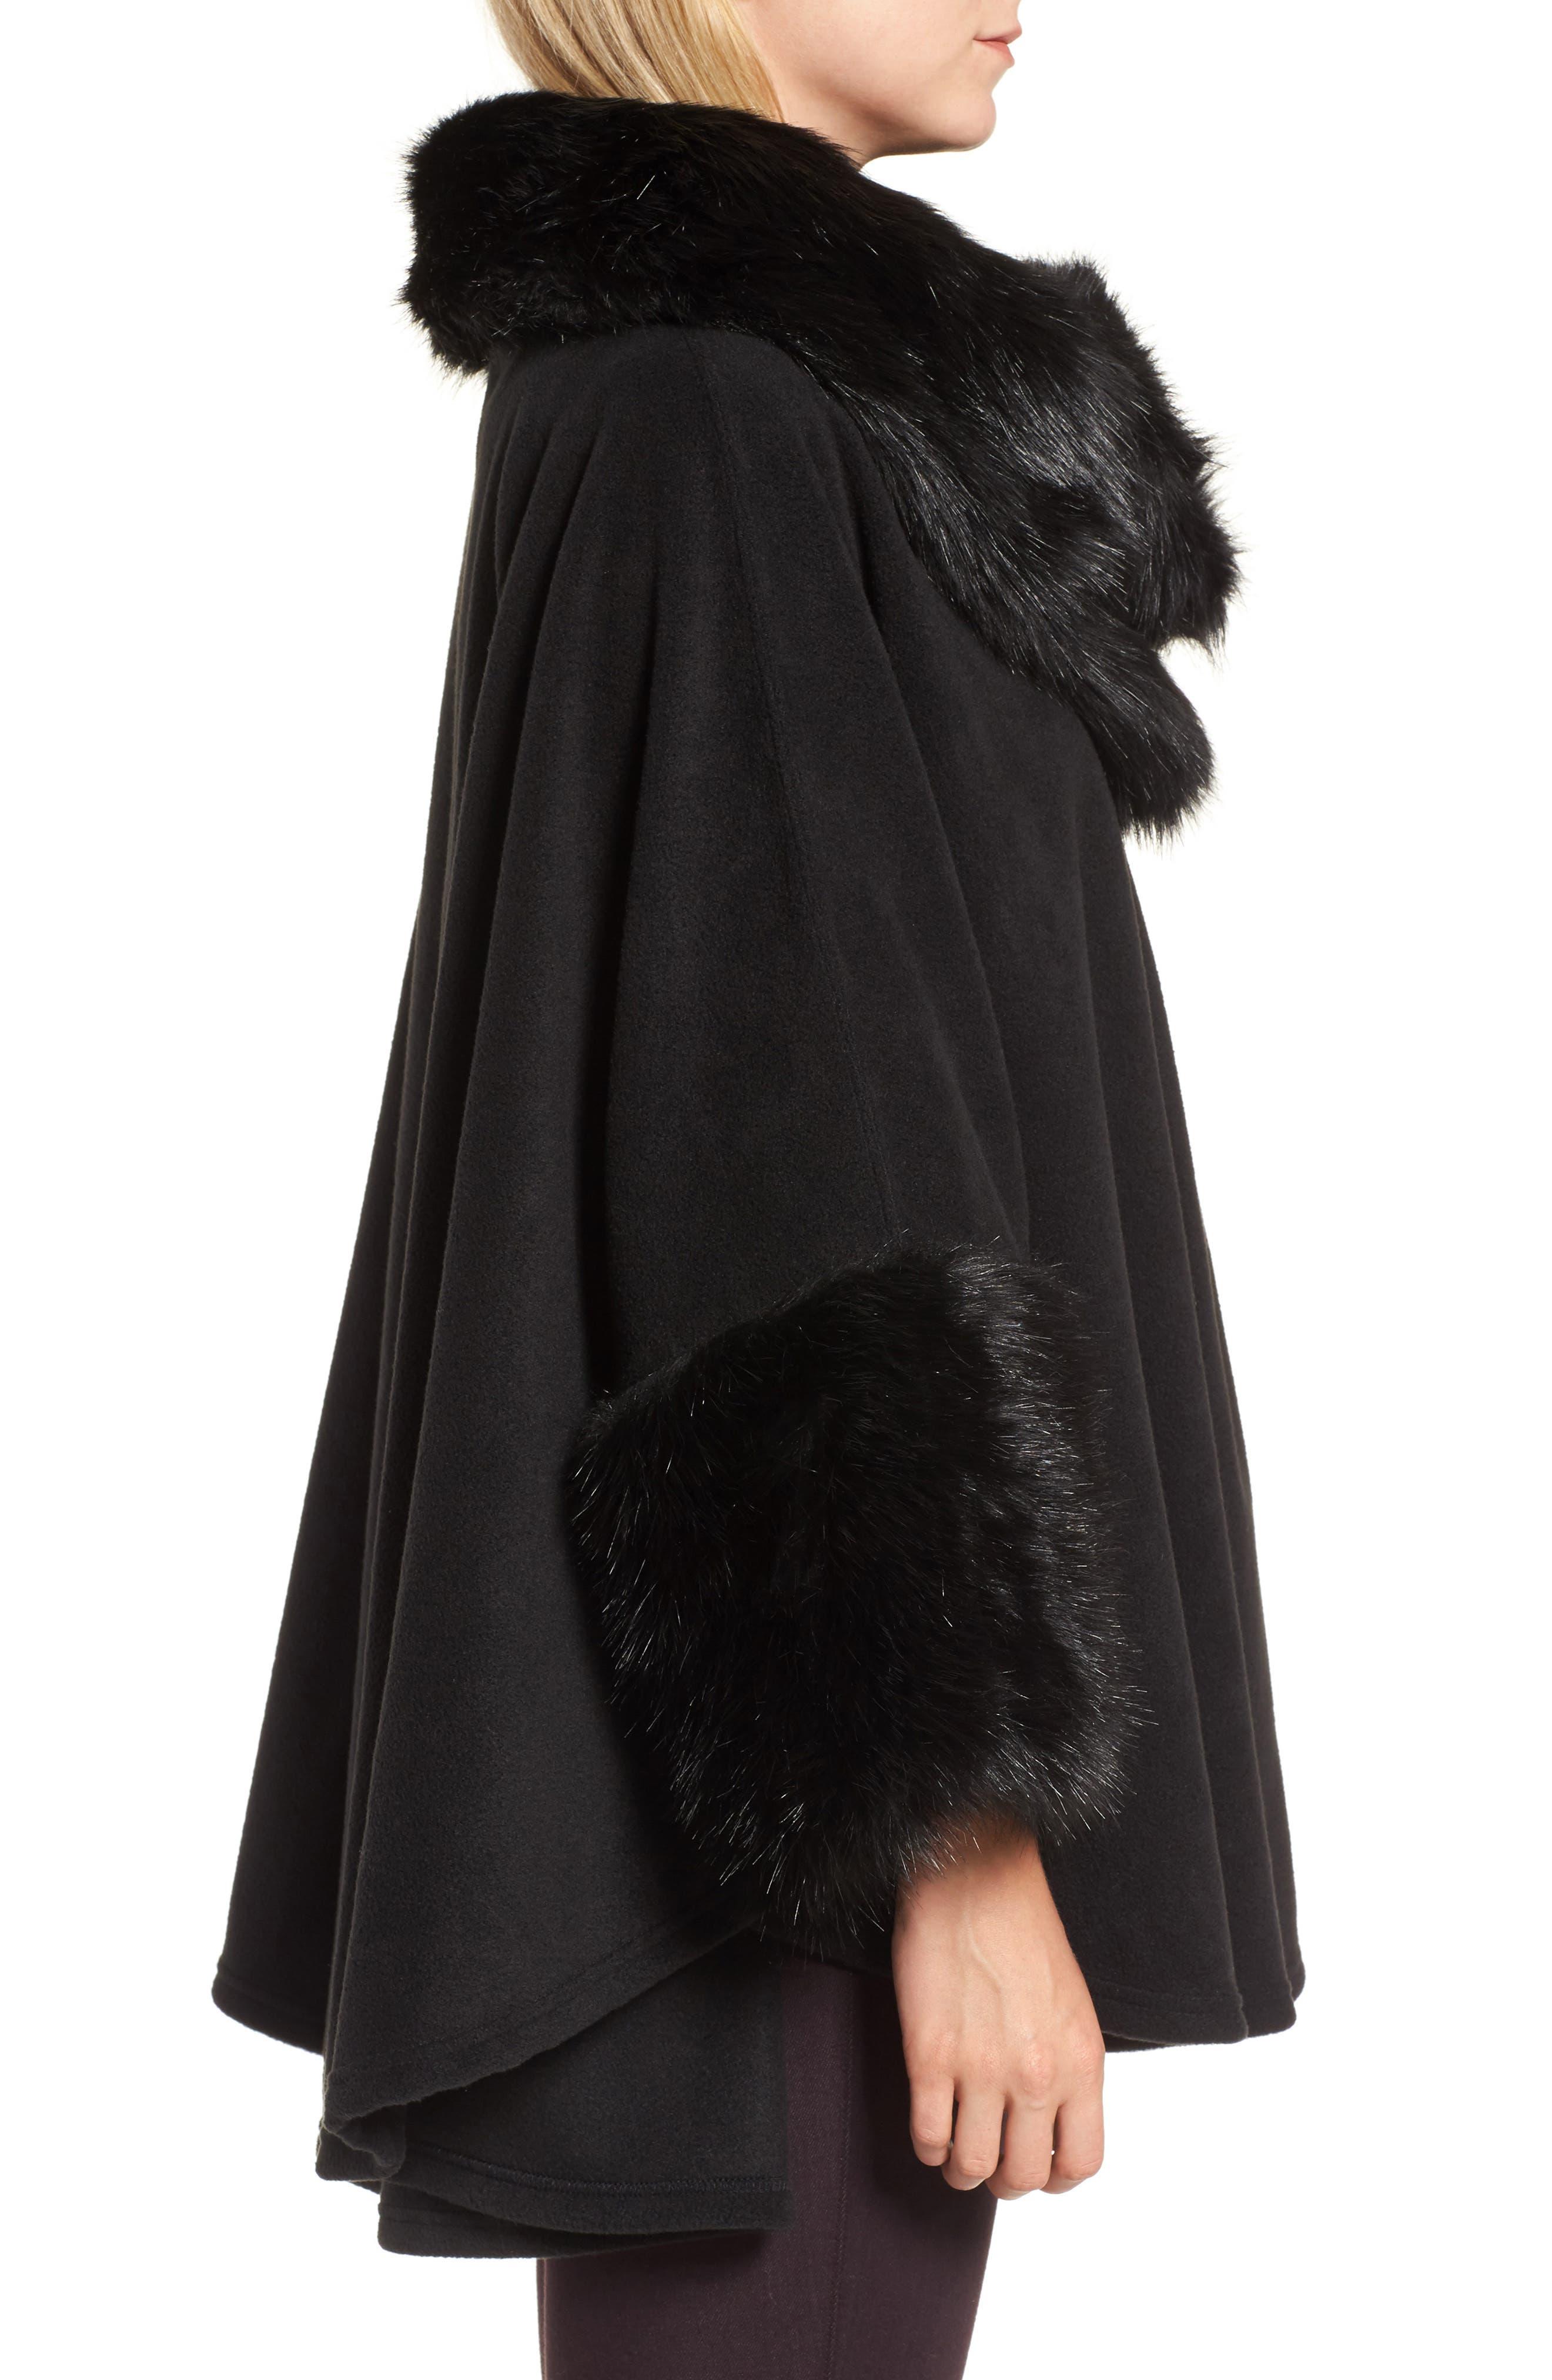 Chelsea Cape with Faux Fur Trim,                             Alternate thumbnail 3, color,                             Black/ Black Mink